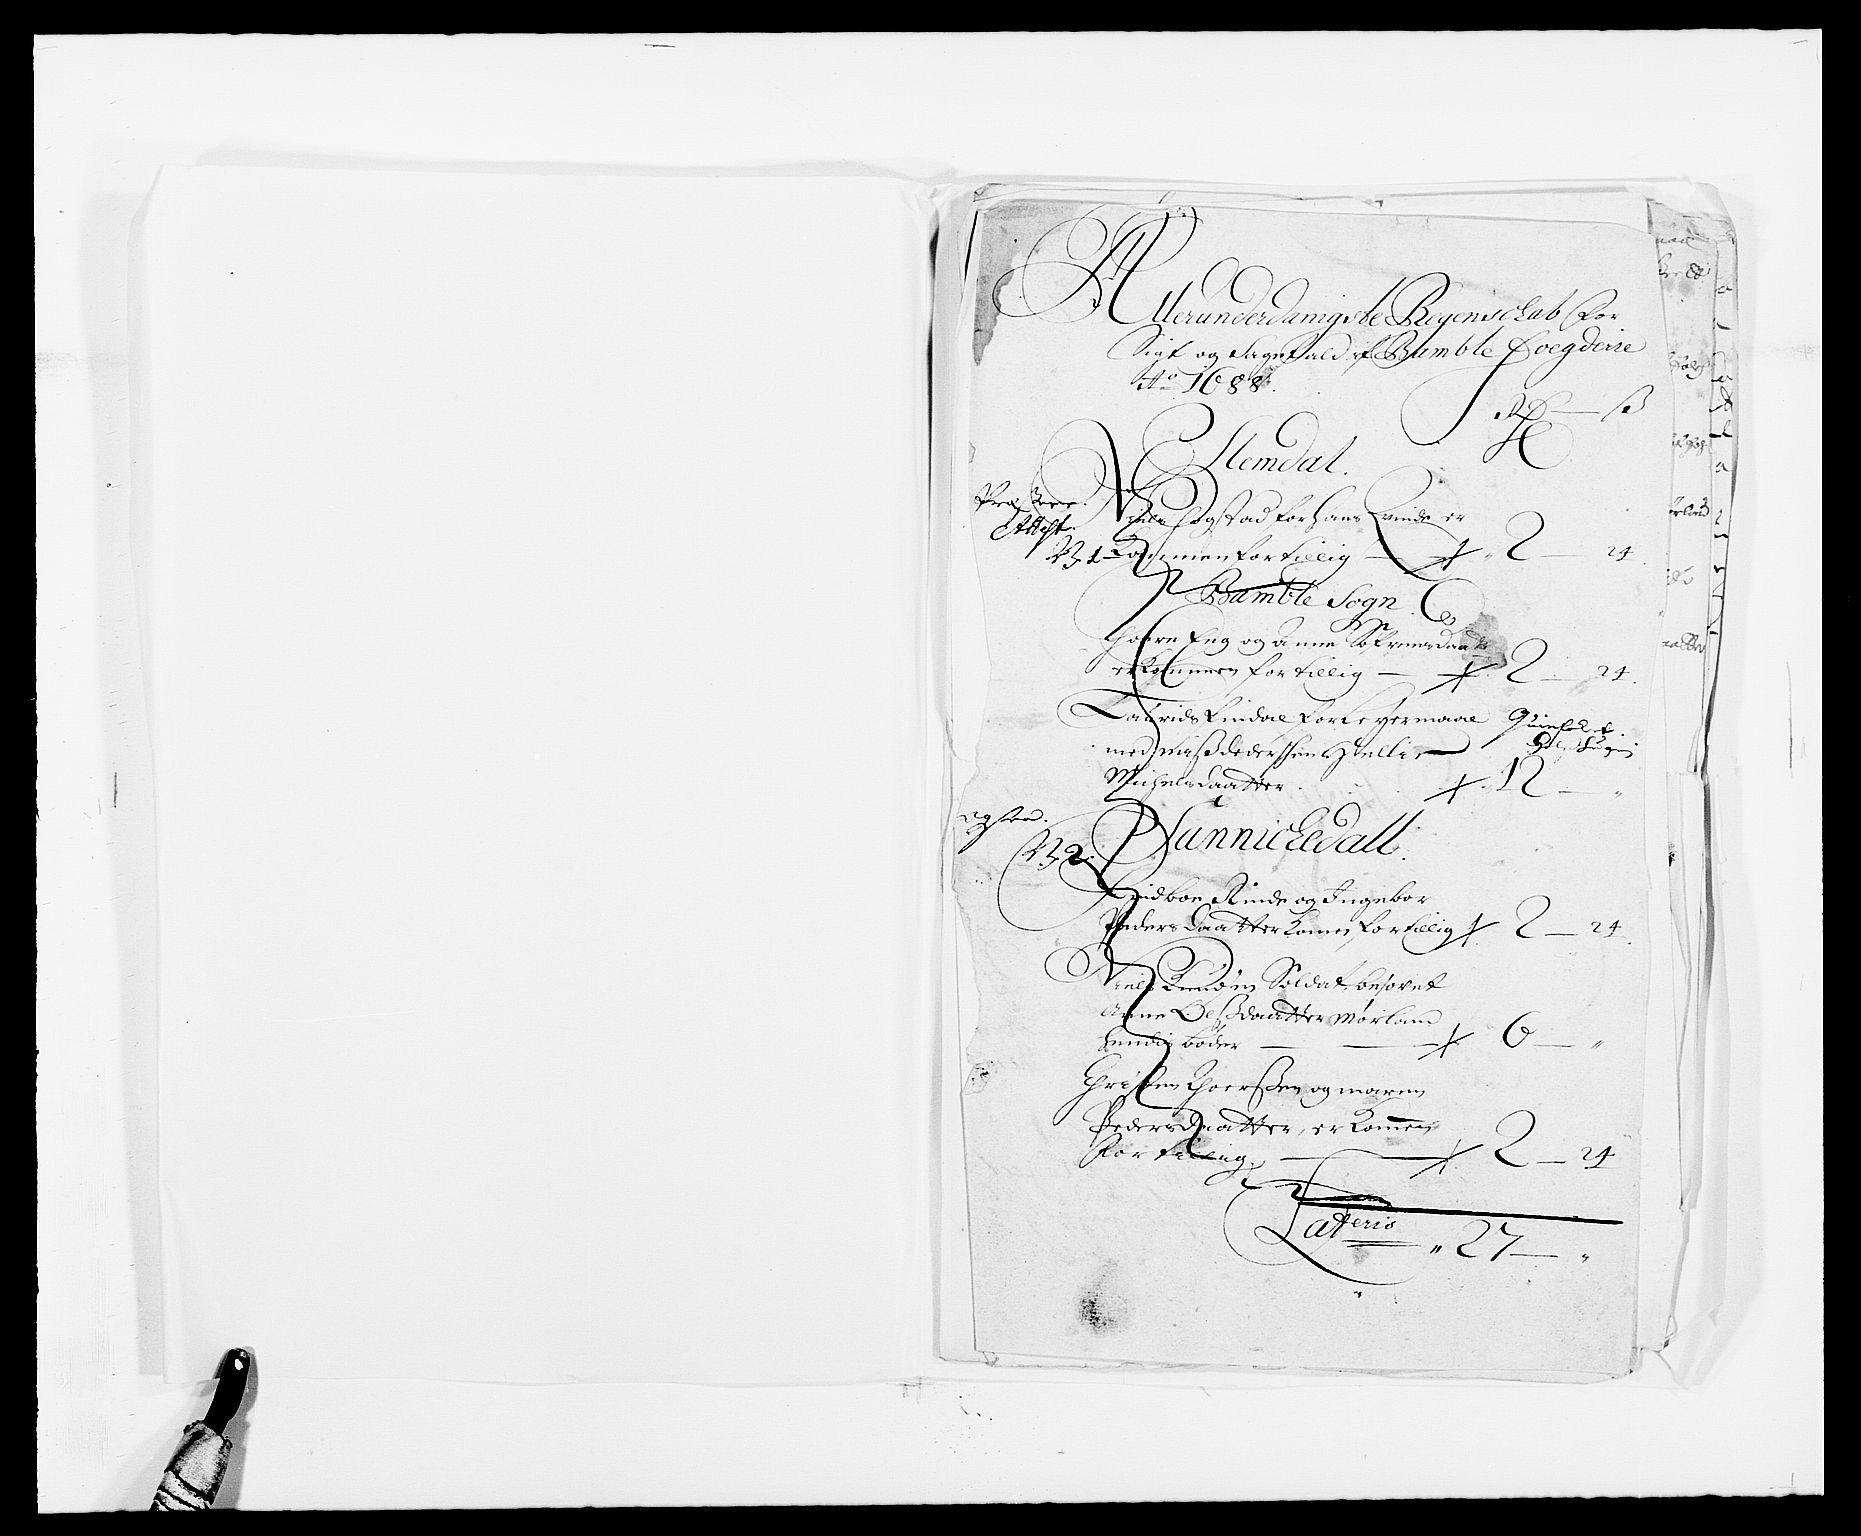 RA, Rentekammeret inntil 1814, Reviderte regnskaper, Fogderegnskap, R34/L2050: Fogderegnskap Bamble, 1688-1691, s. 64